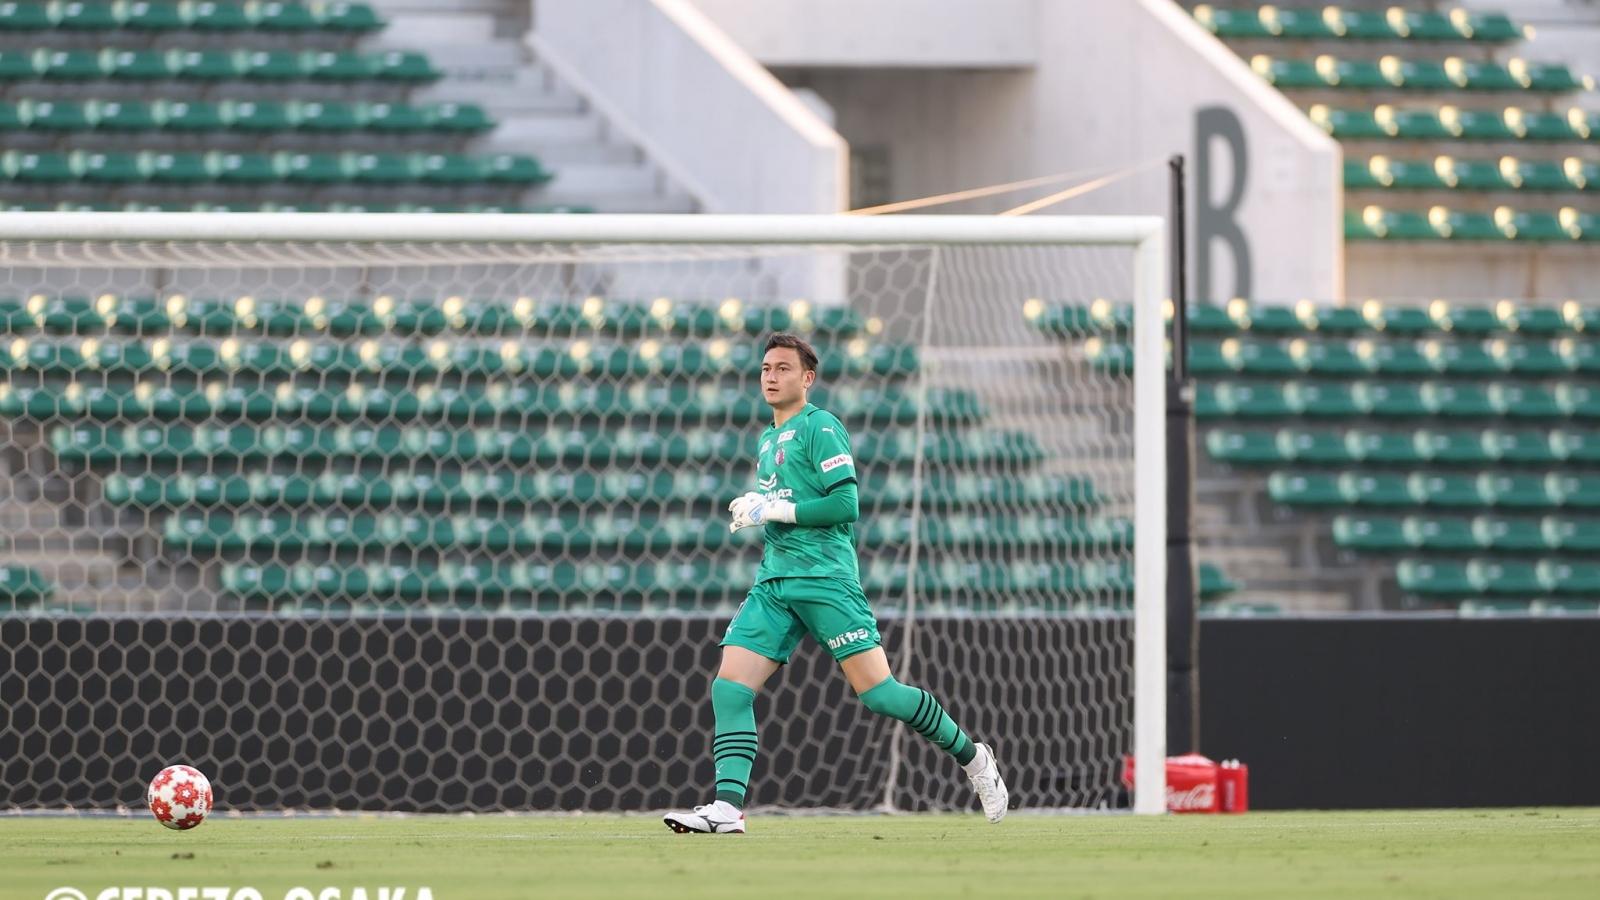 Lịch thi đấu bóng đá hôm nay (24/6): Chờ Đặng Văn Lâm ra mắt AFC Champions League